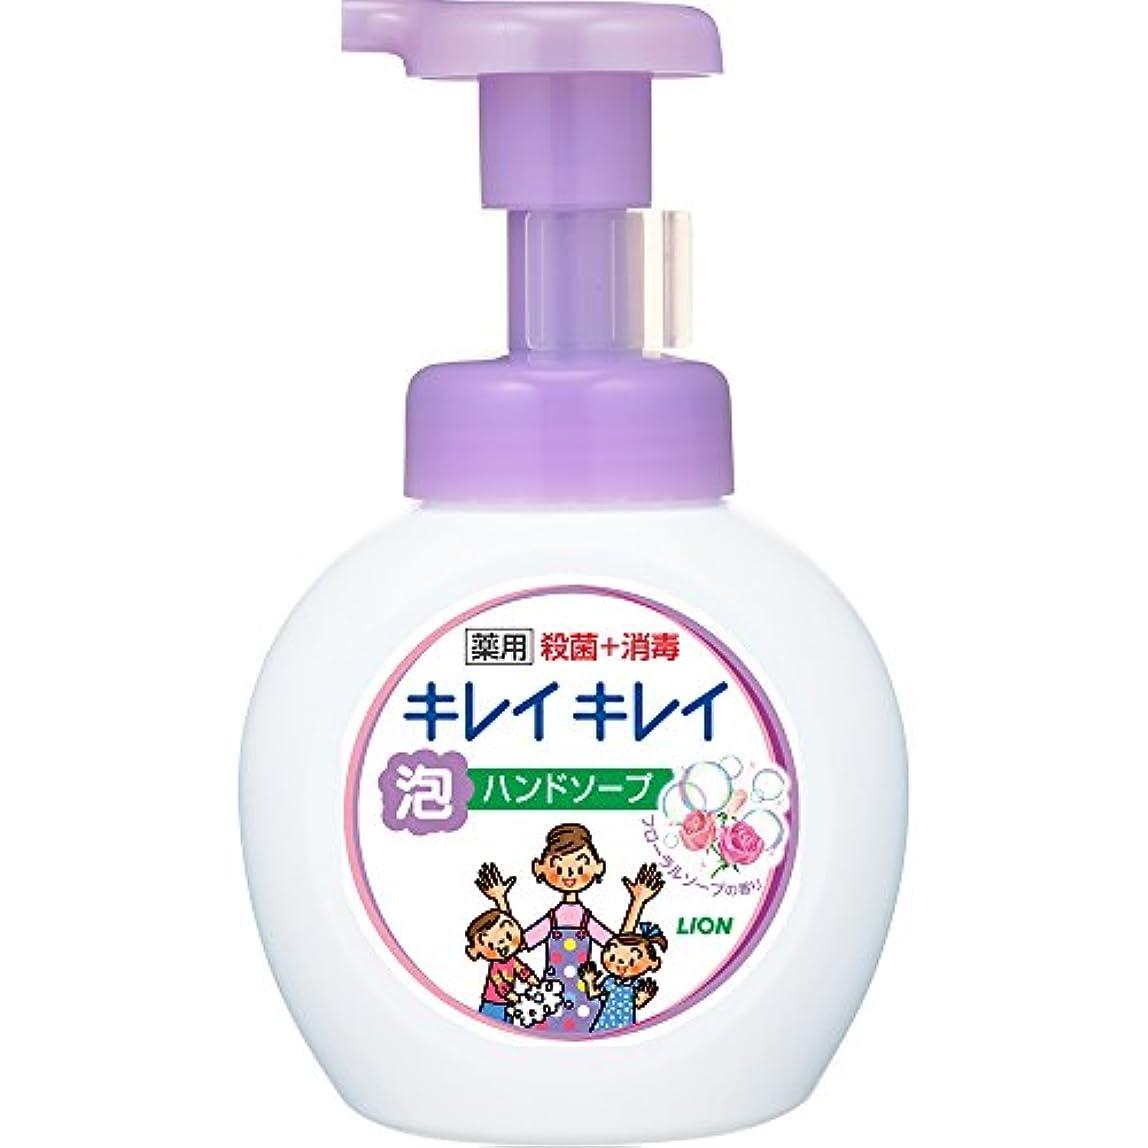 ウルル浸した調停するキレイキレイ 薬用 泡ハンドソープ フローラルソープの香り 本体ポンプ 250ml(医薬部外品)